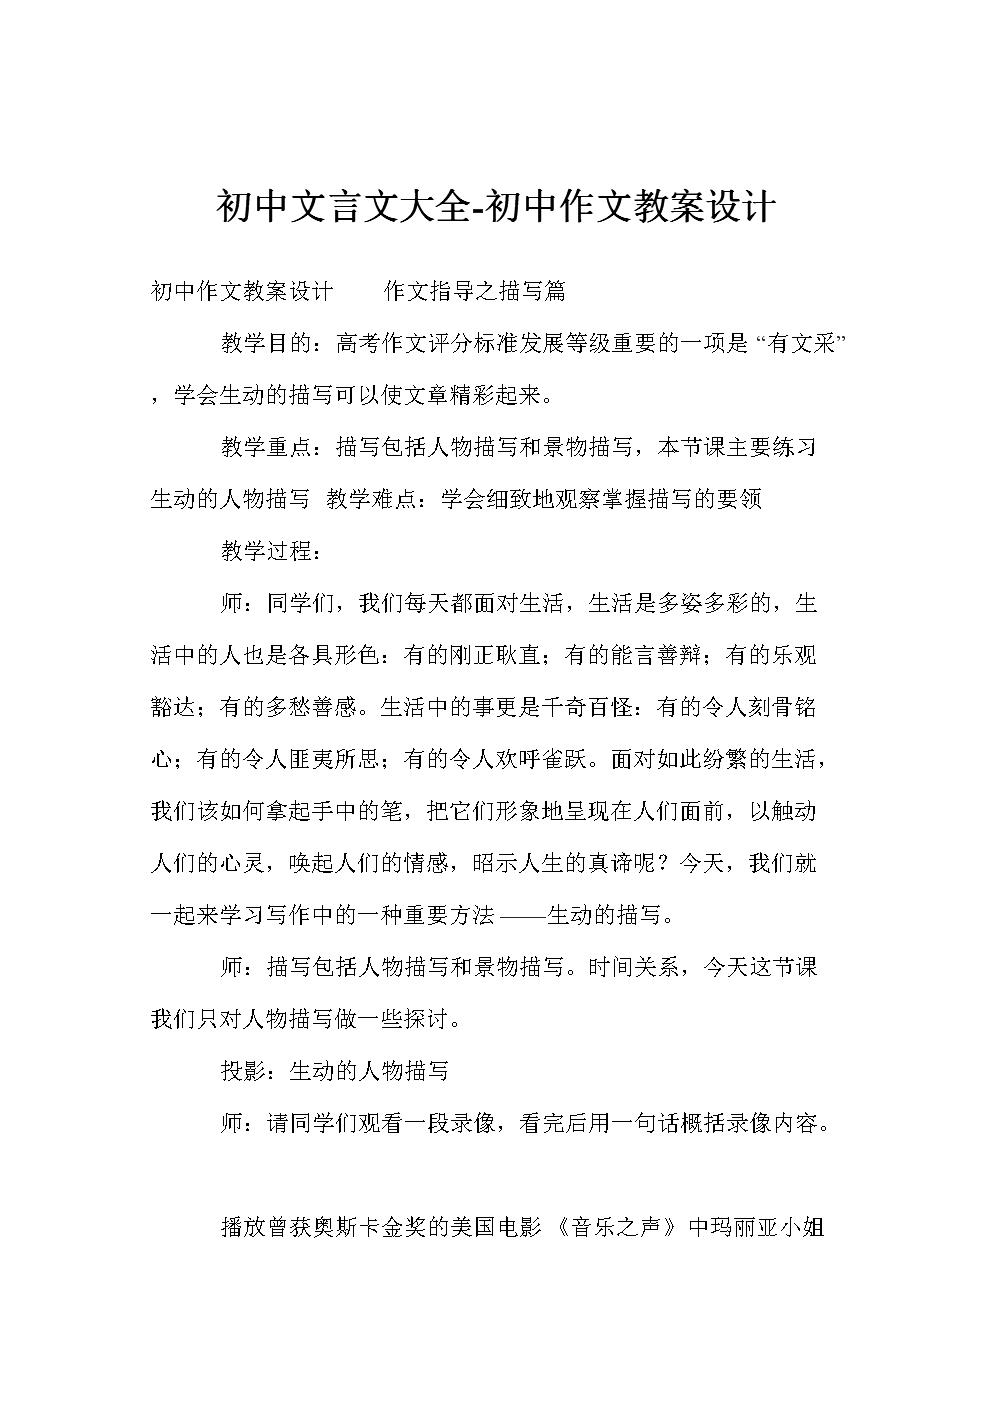 初中文言文作文-初中大全教案v初中.doc初中十五中吗好三图片